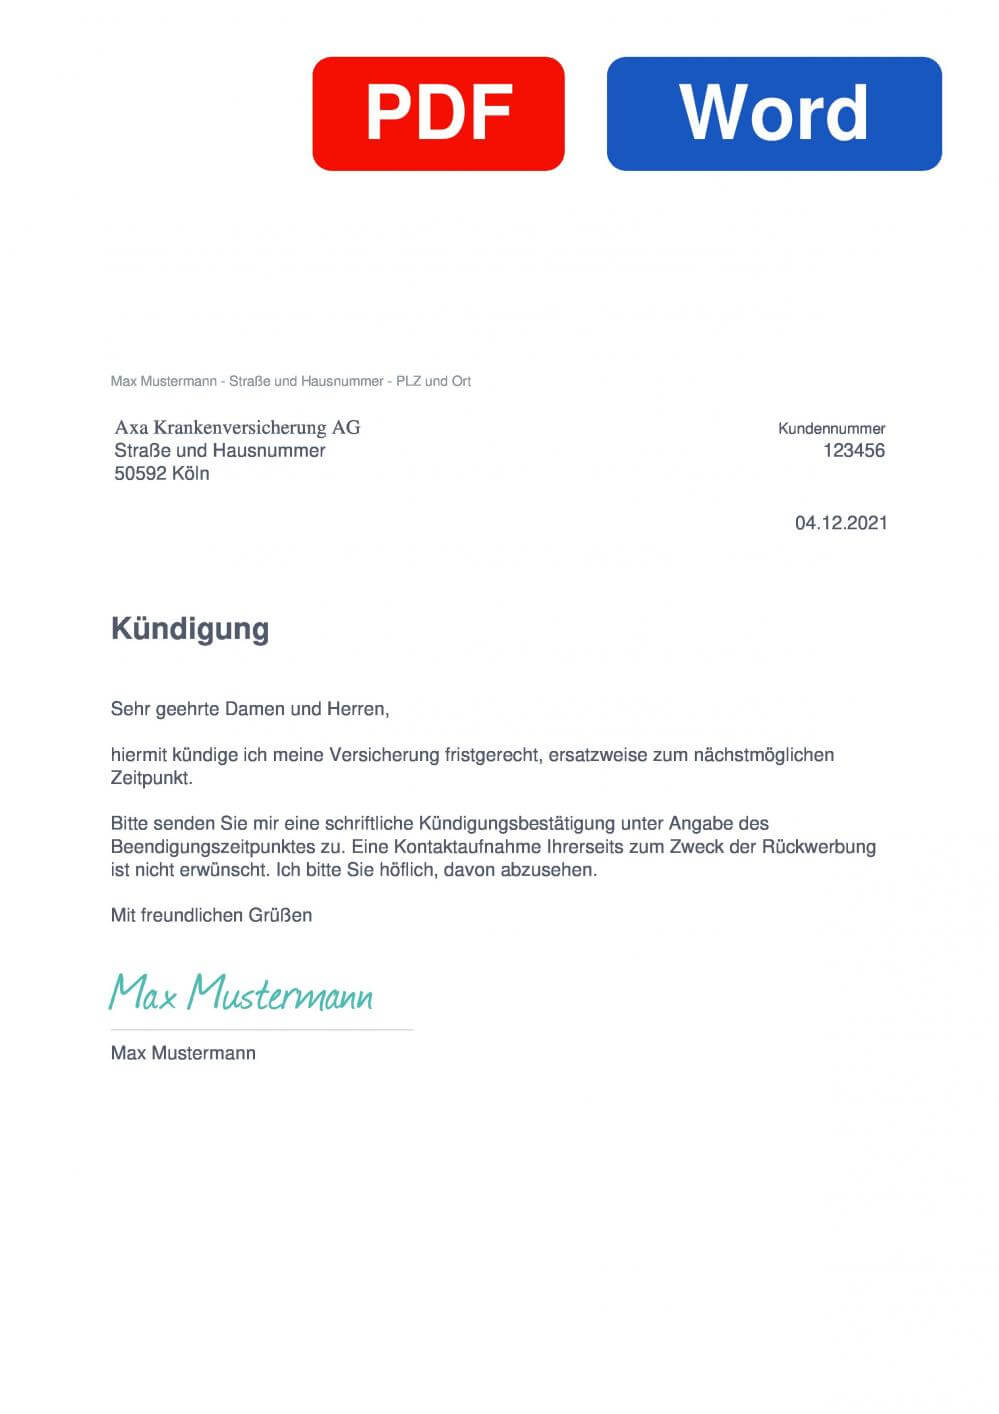 DBV-Winterthur Krankenversicherung Muster Vorlage für Kündigungsschreiben